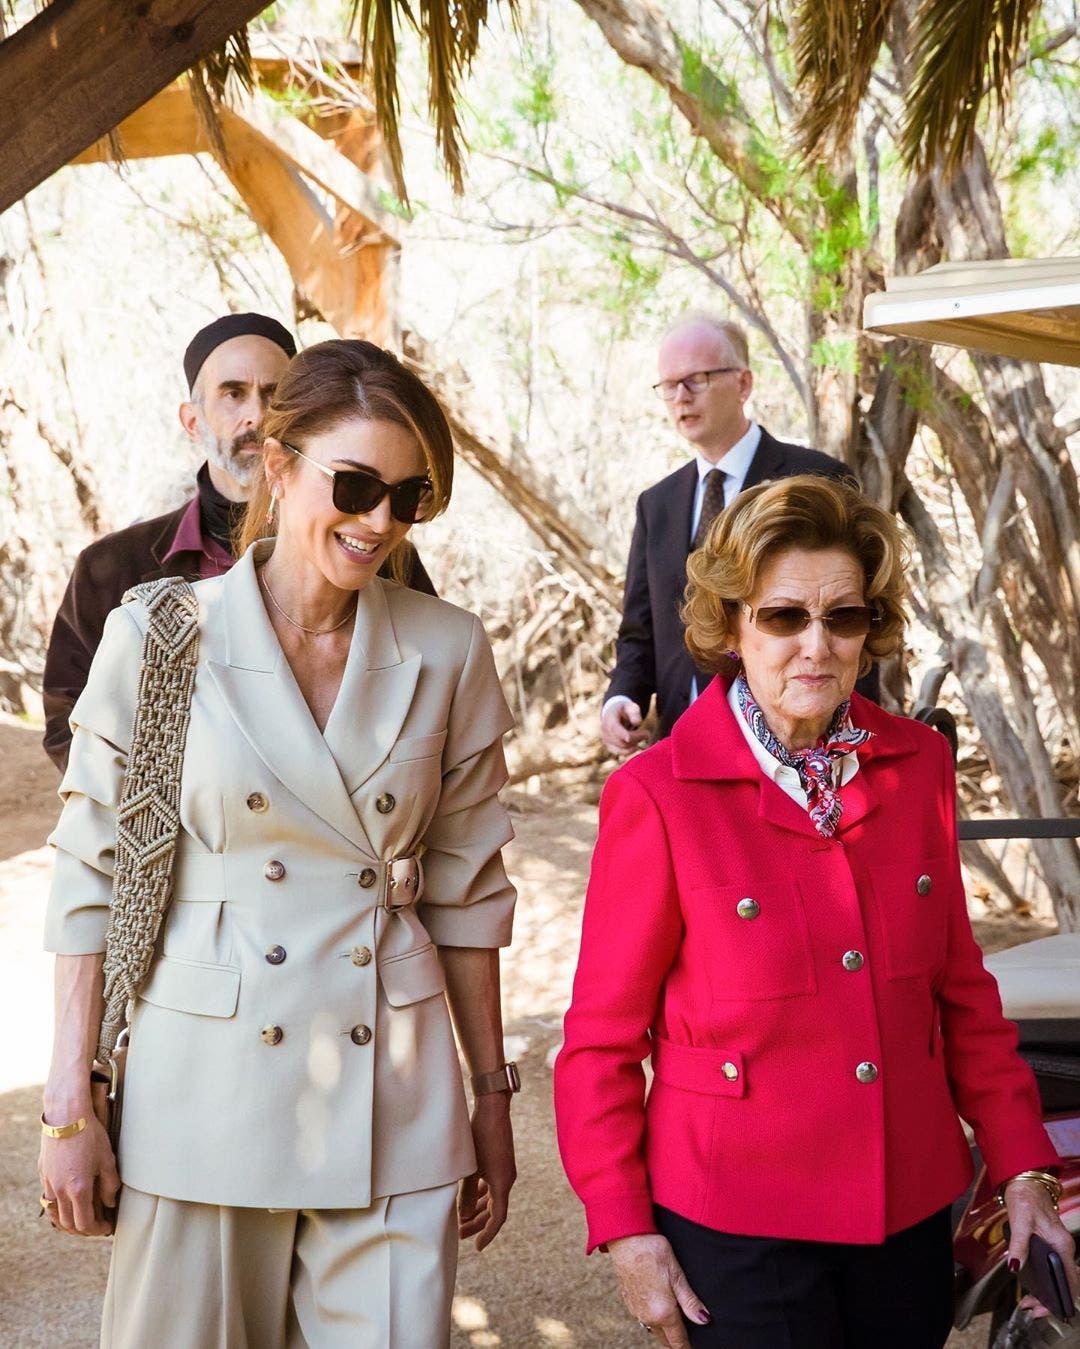 ملكة النرويج وملكة الأردن في زيارة إلى مغطس السيد المسيح